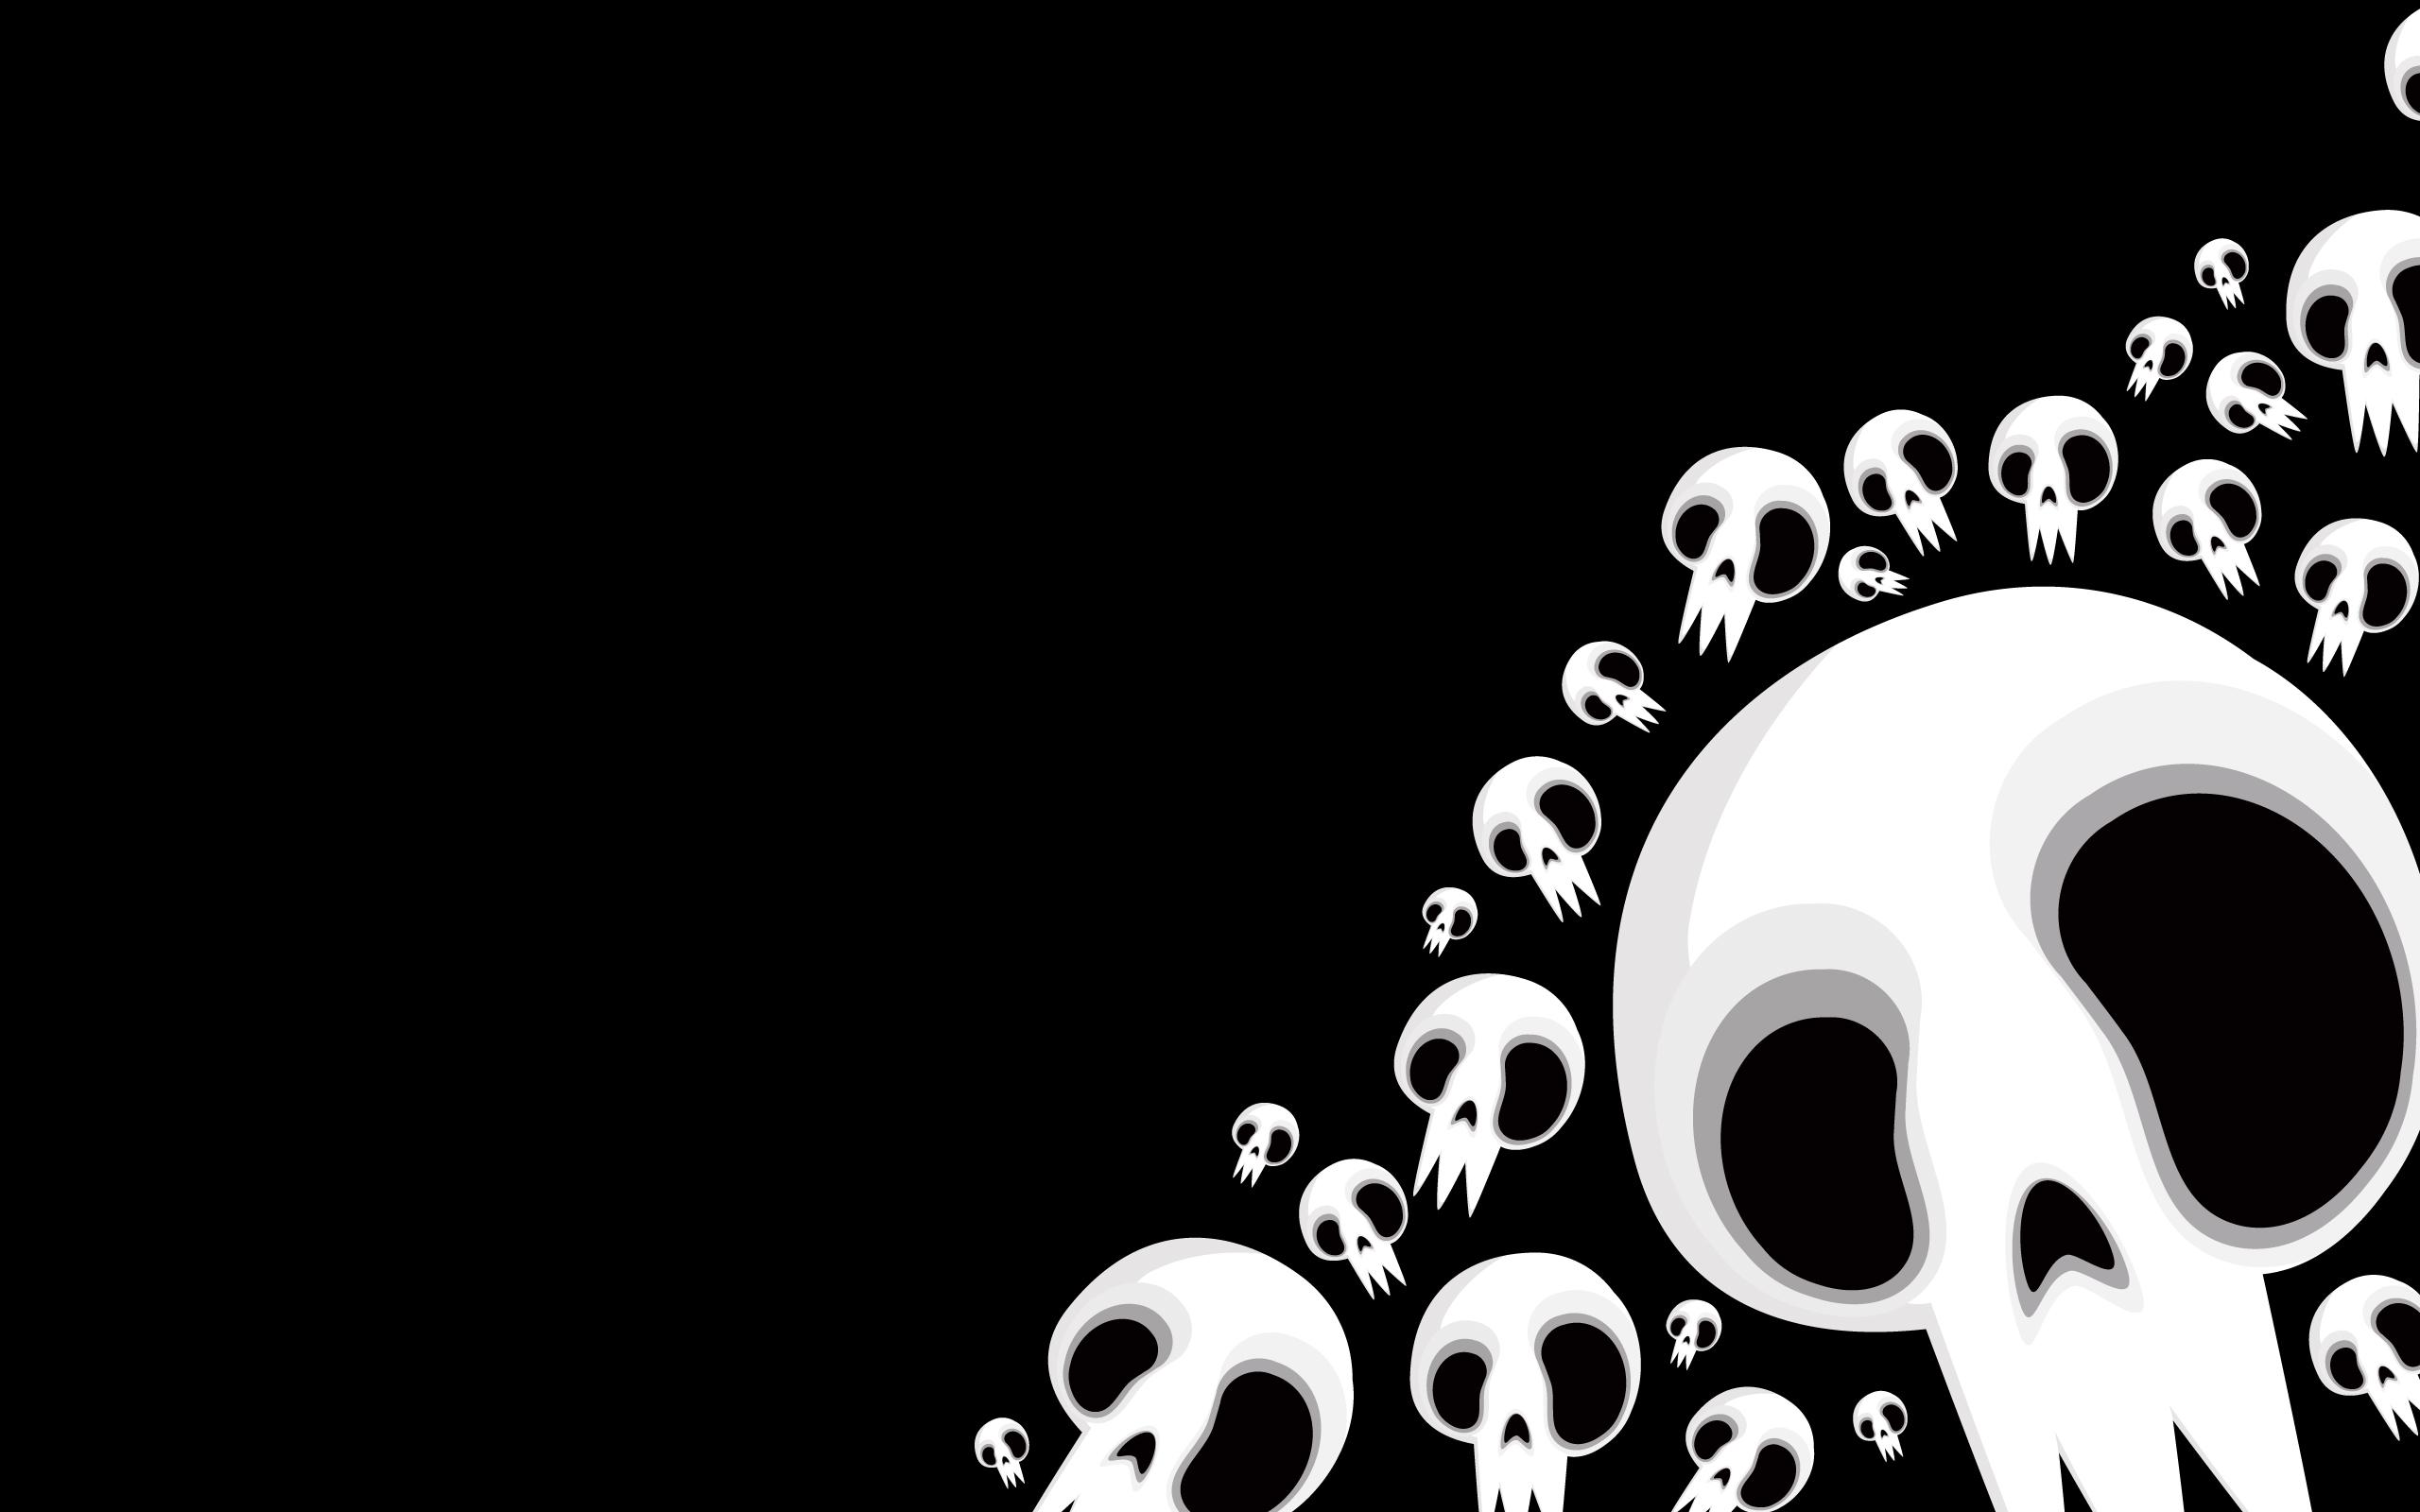 Free Download Download The Crazy Skulls Wallpaper Crazy